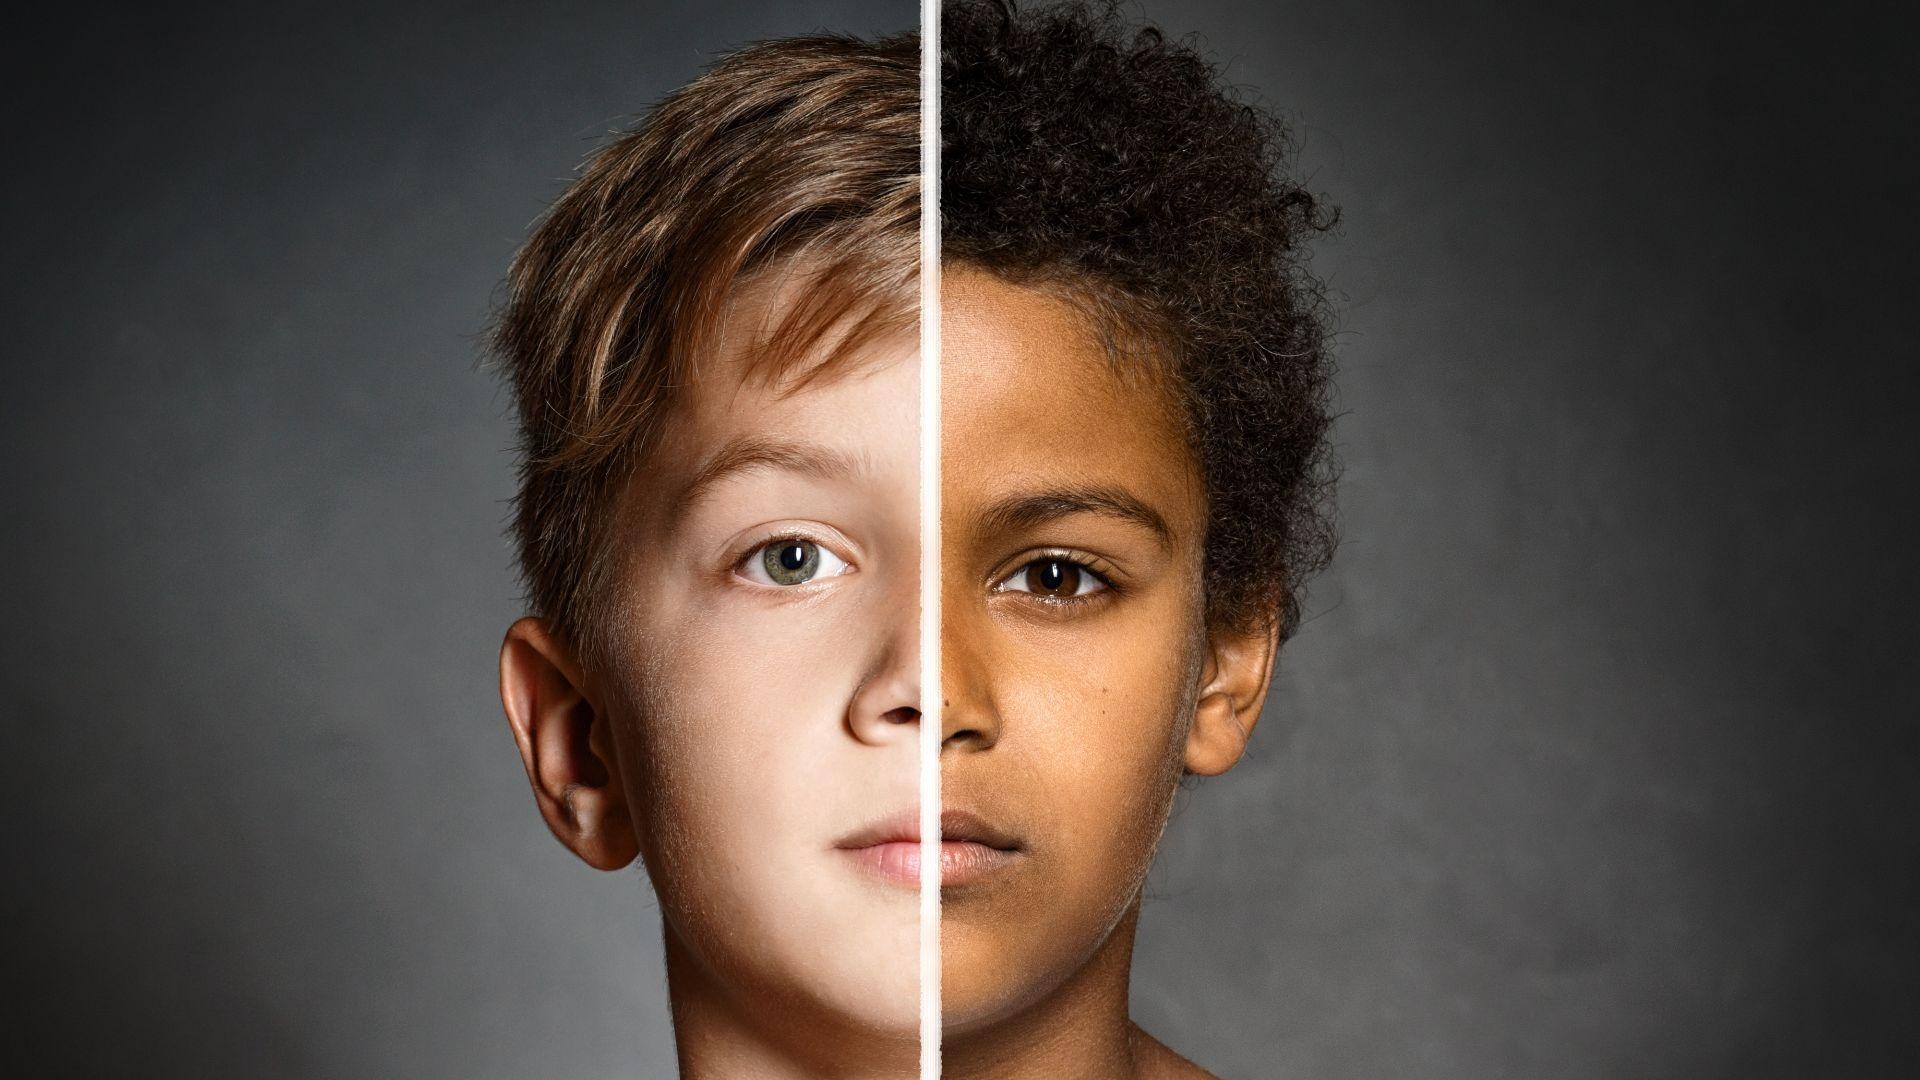 La mayoría de los sistemas de reconocimiento facial son racistas